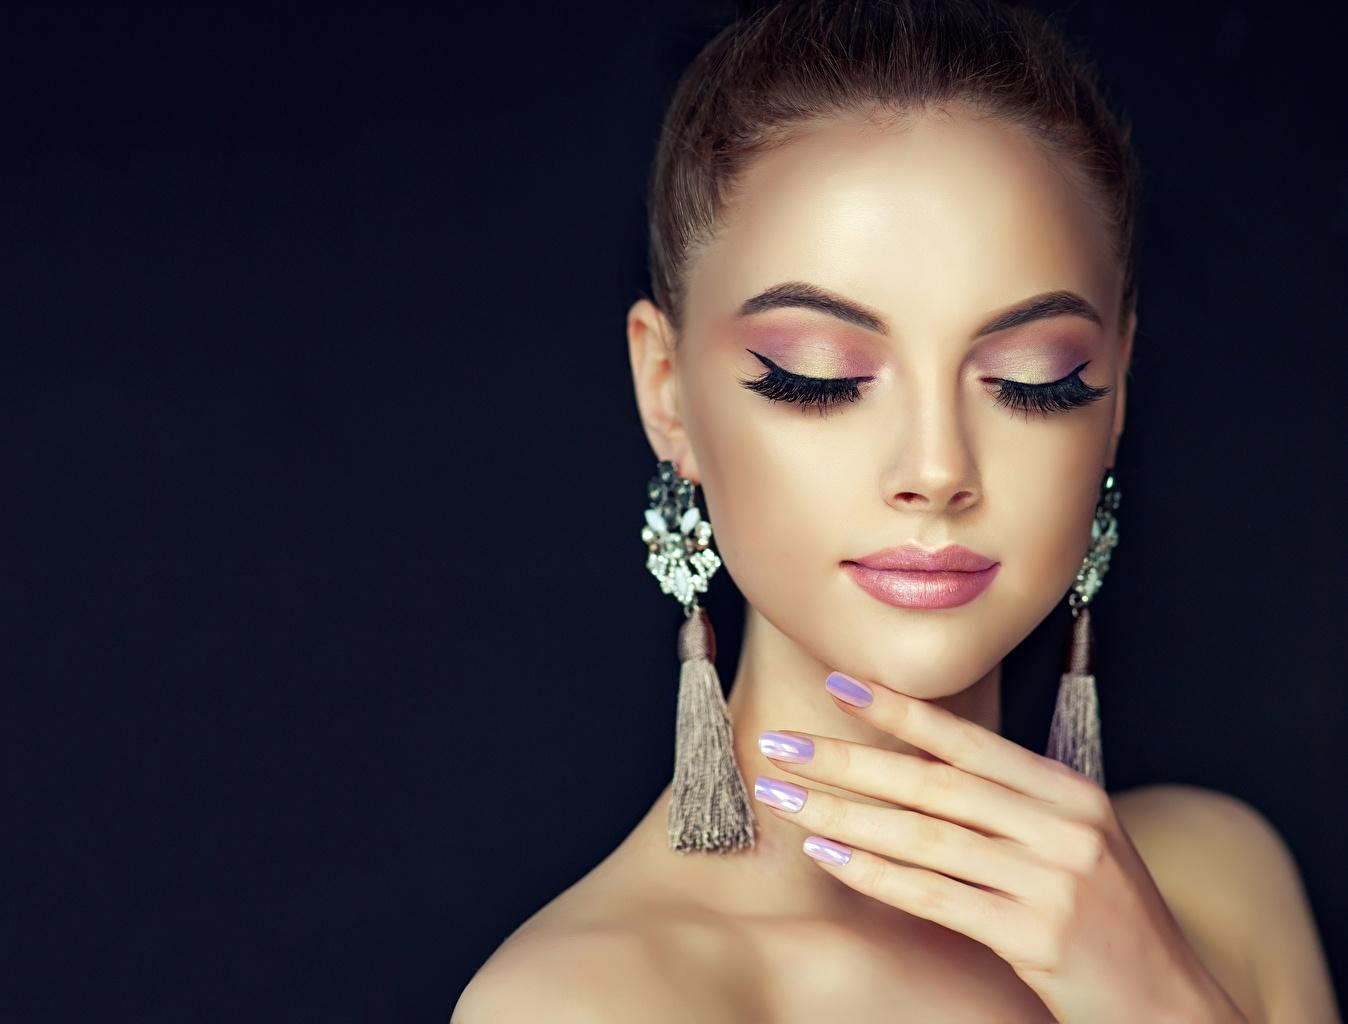 Картинки Маникюр мейкап красивая лица молодая женщина серег маникюра Макияж косметика на лице красивый Красивые Лицо Девушки девушка молодые женщины Серьги